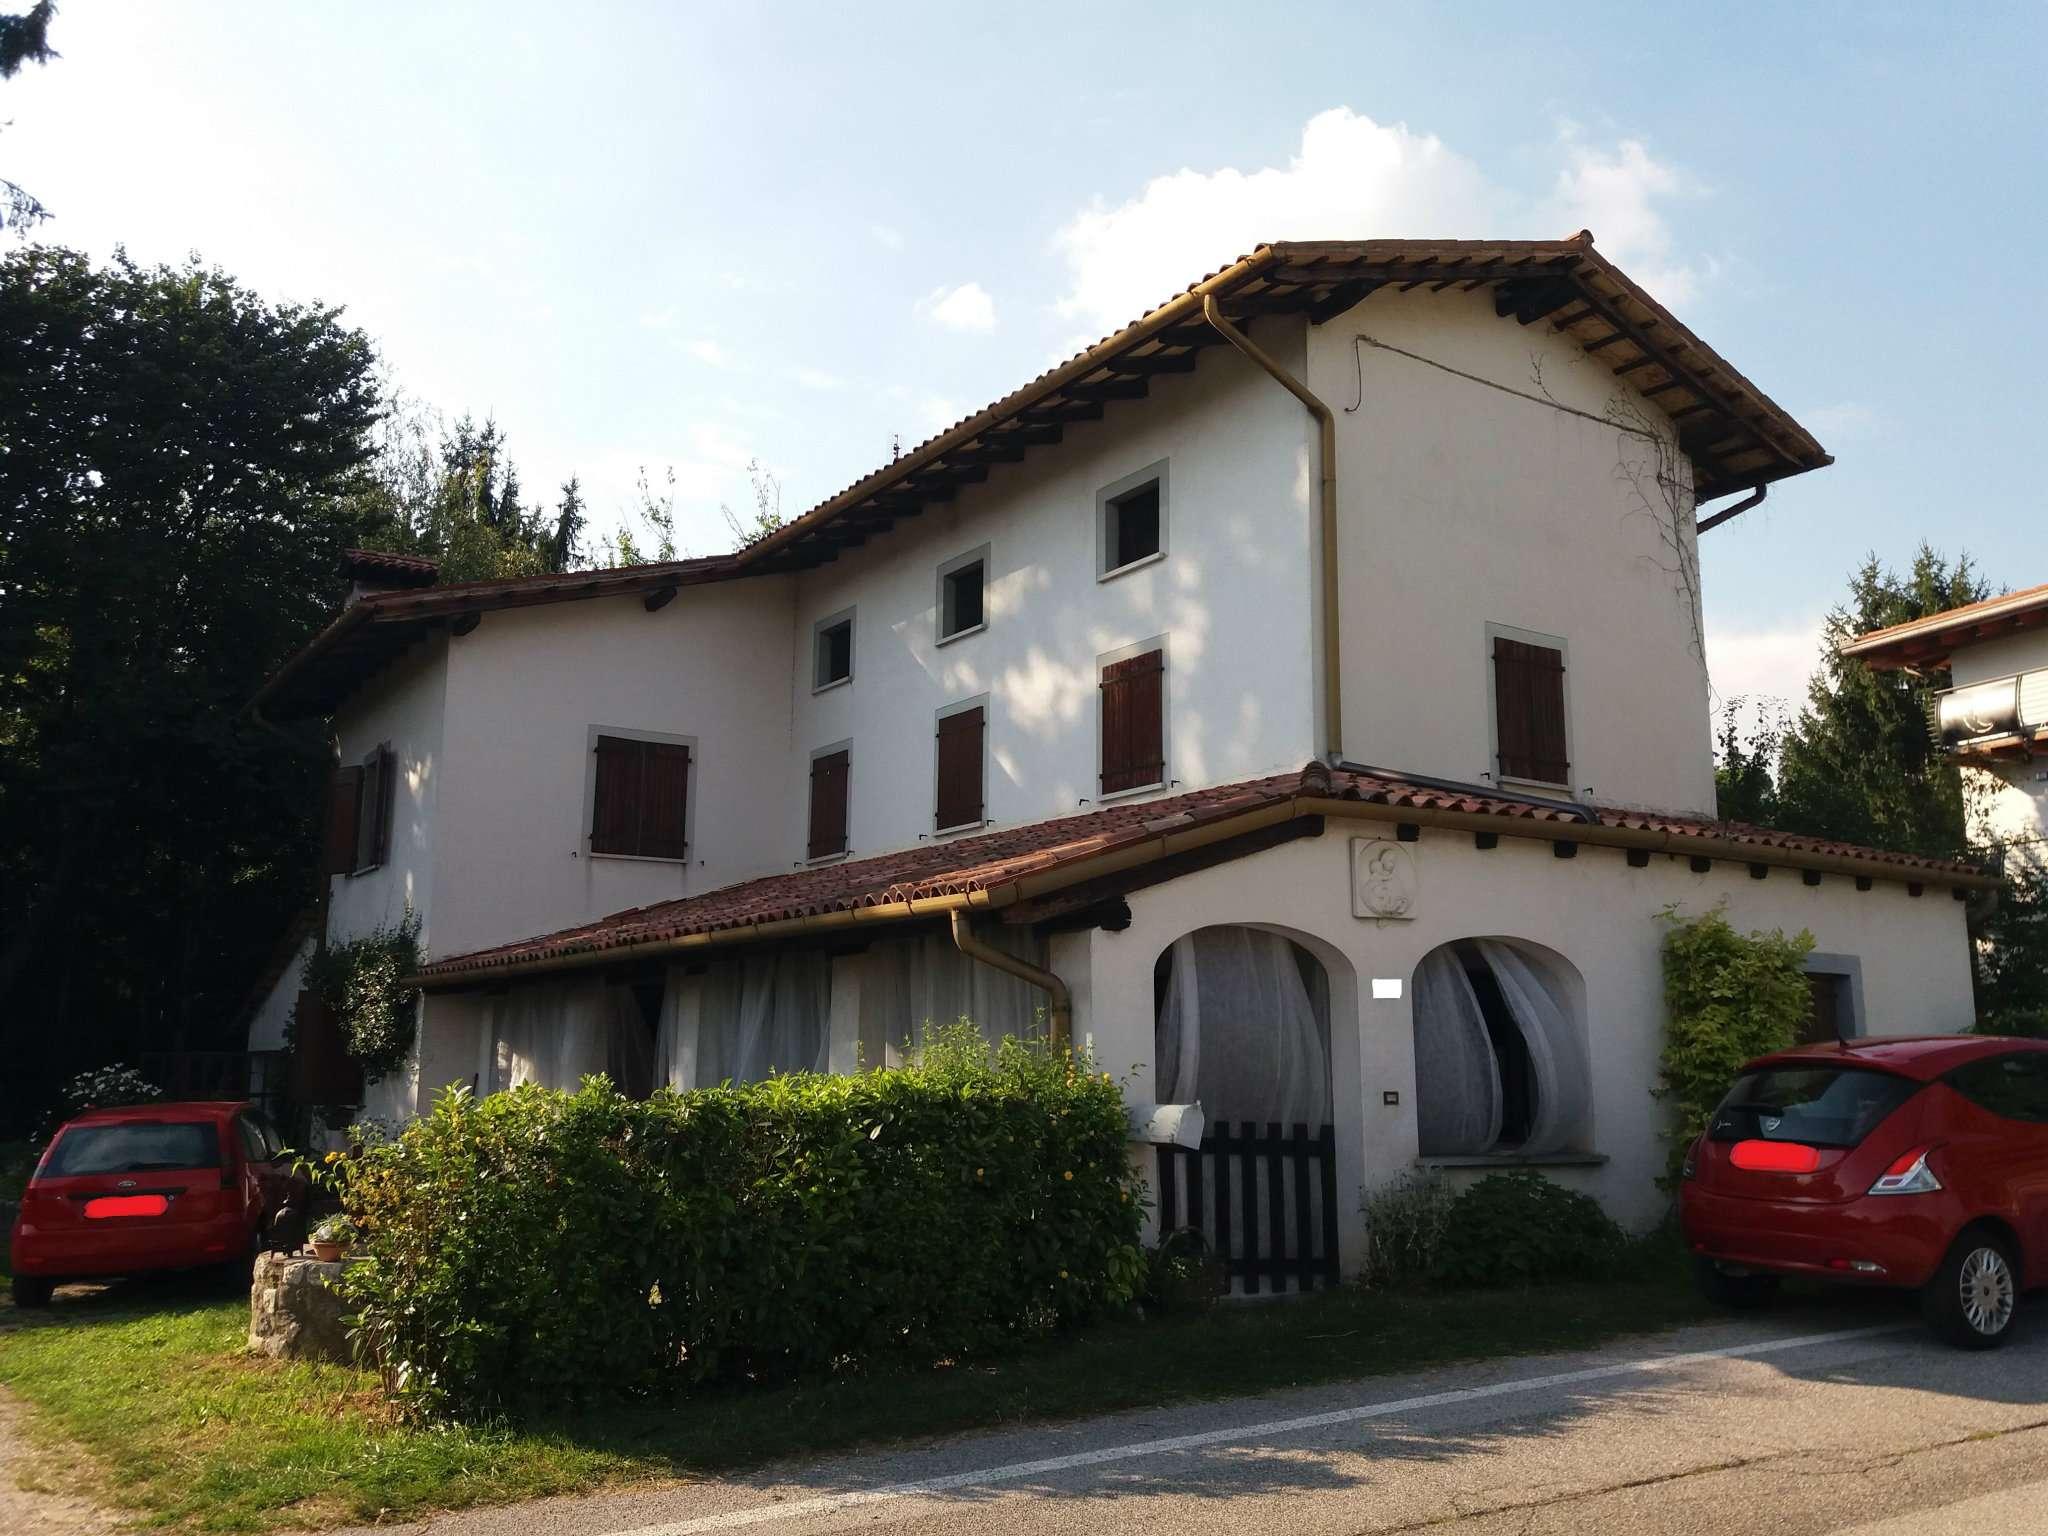 Villa in vendita a Moruzzo, 10 locali, prezzo € 295.000 | CambioCasa.it